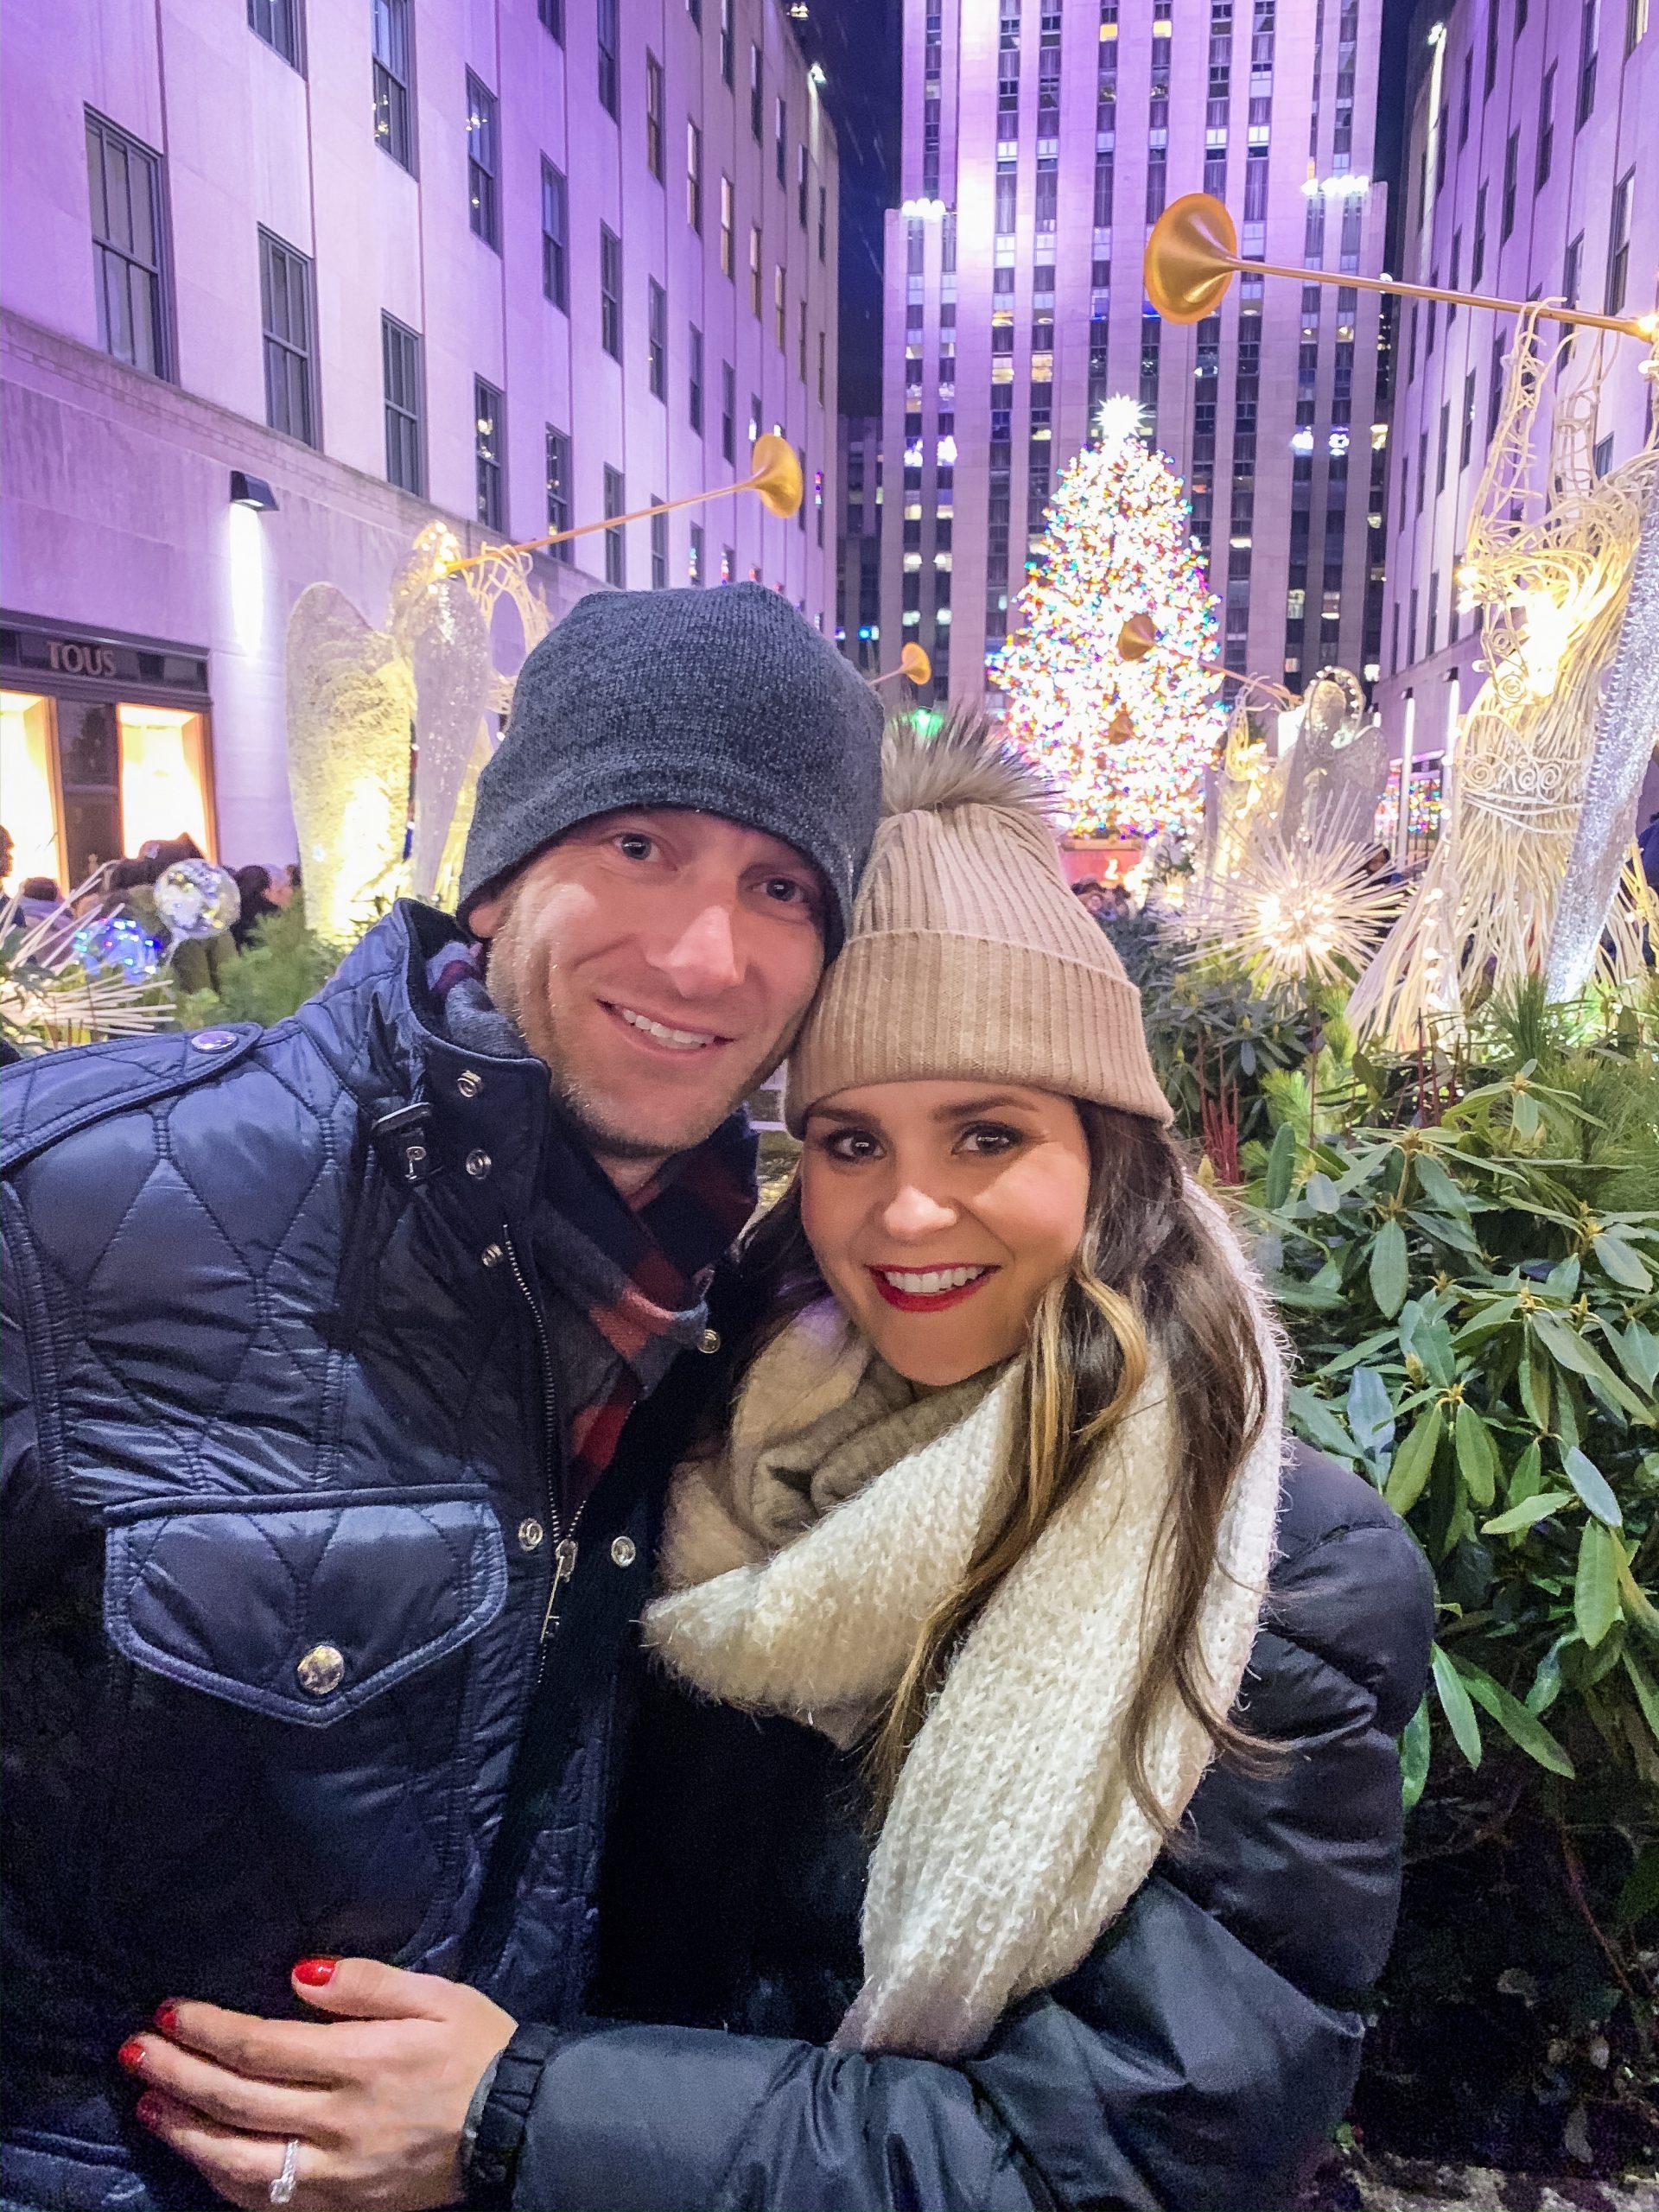 Rockefeller center Christmas tree, christmas in New York city